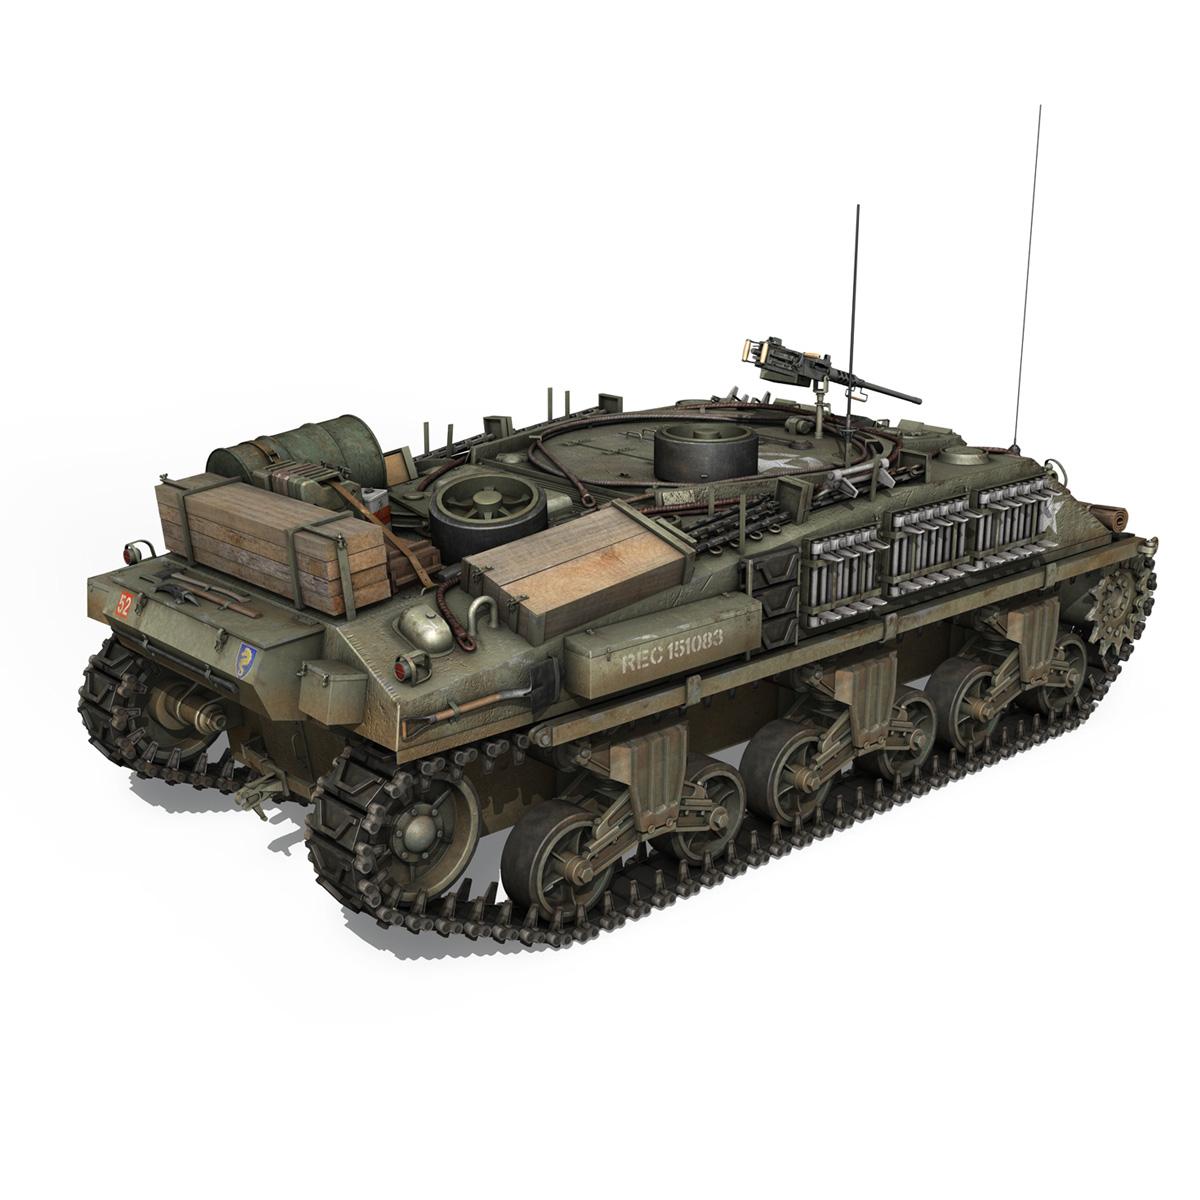 m4 sherman arv mk.i – 151083 3d model 3ds fbx c4d lwo obj 282120